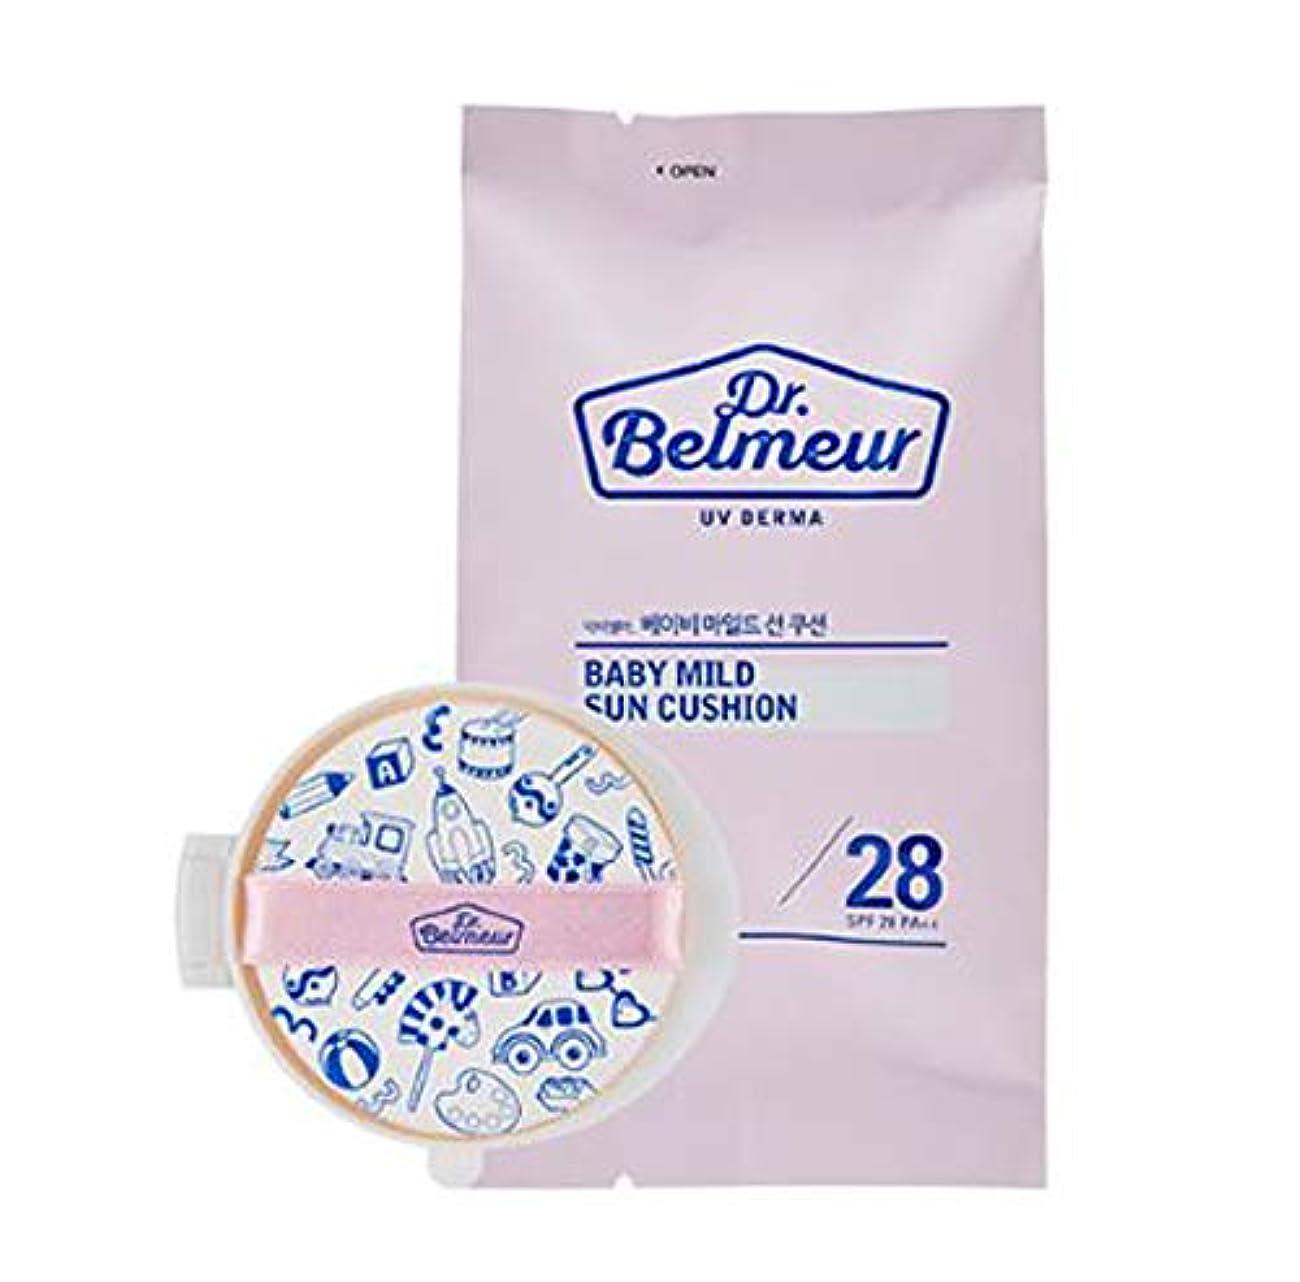 直面するセラー苦痛[ザ?フェイスショップ] THE FACE SHOP [ドクターベルモUVデルマ ベイビーマイルド サンクッション 15g / リフィル用] Dr.Belmeur UV DERMA Baby Mild Sun Cushion...